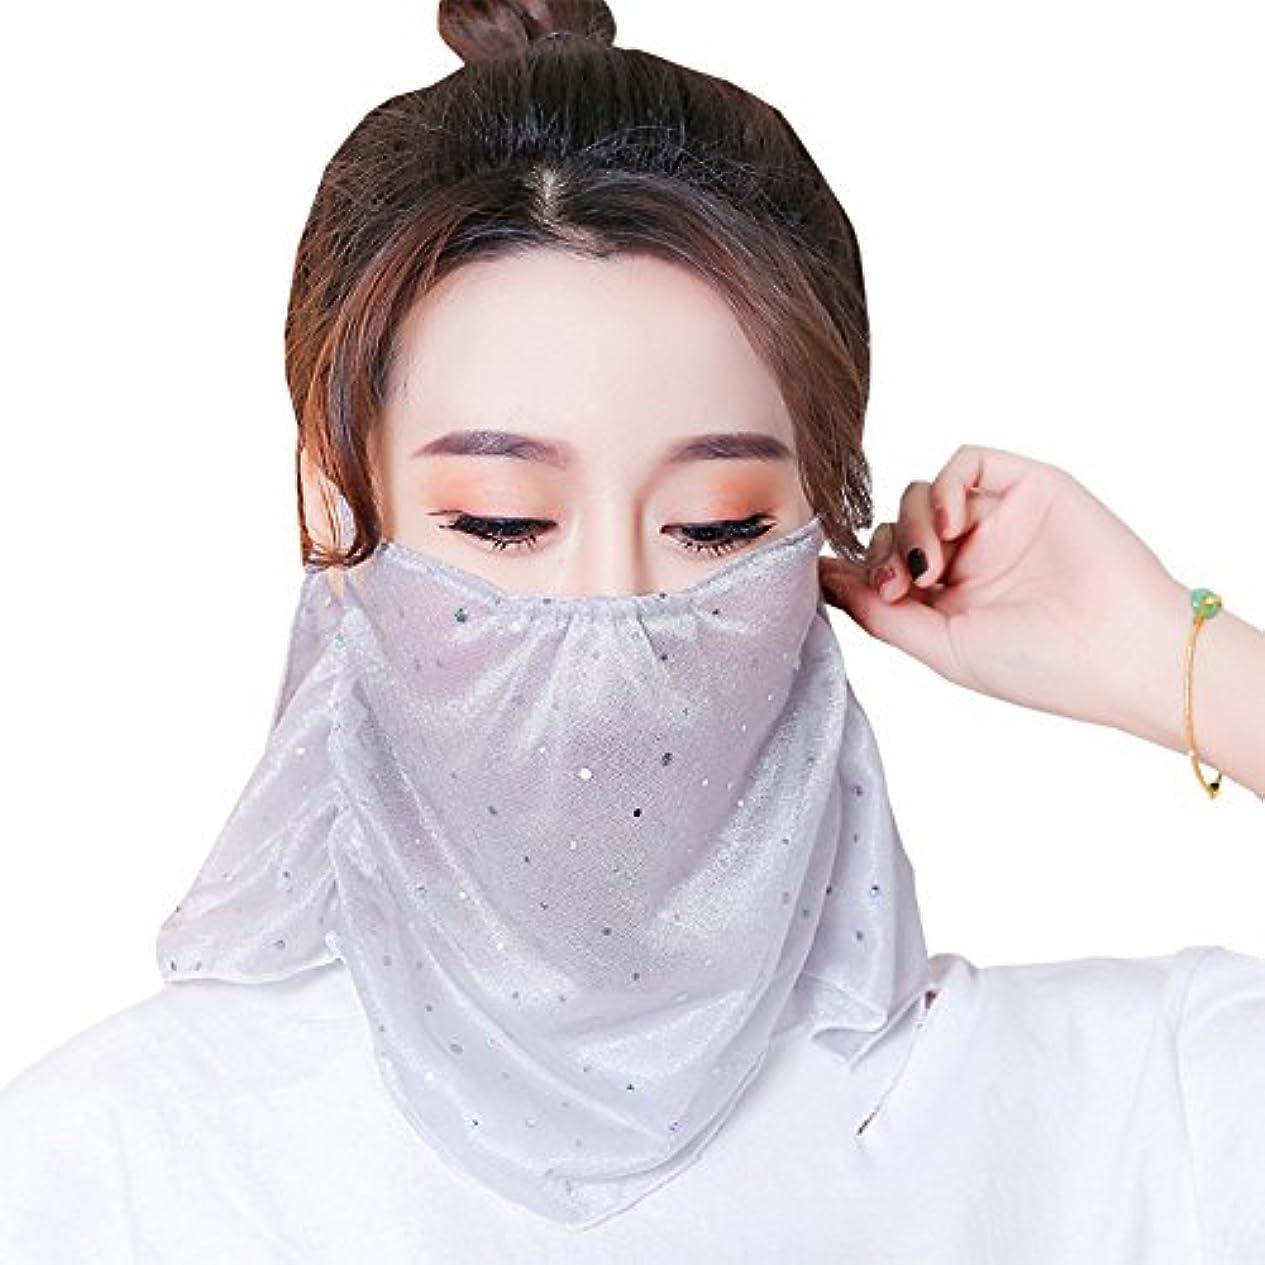 ソフィー印象的熟練したLeecd フェイスカバー ネックガード フェイスマスク UVカット98% UPF50+ イヤーフック付き 鼻部分開口で呼吸しやすい 息苦しくない 冷感 日焼け防止